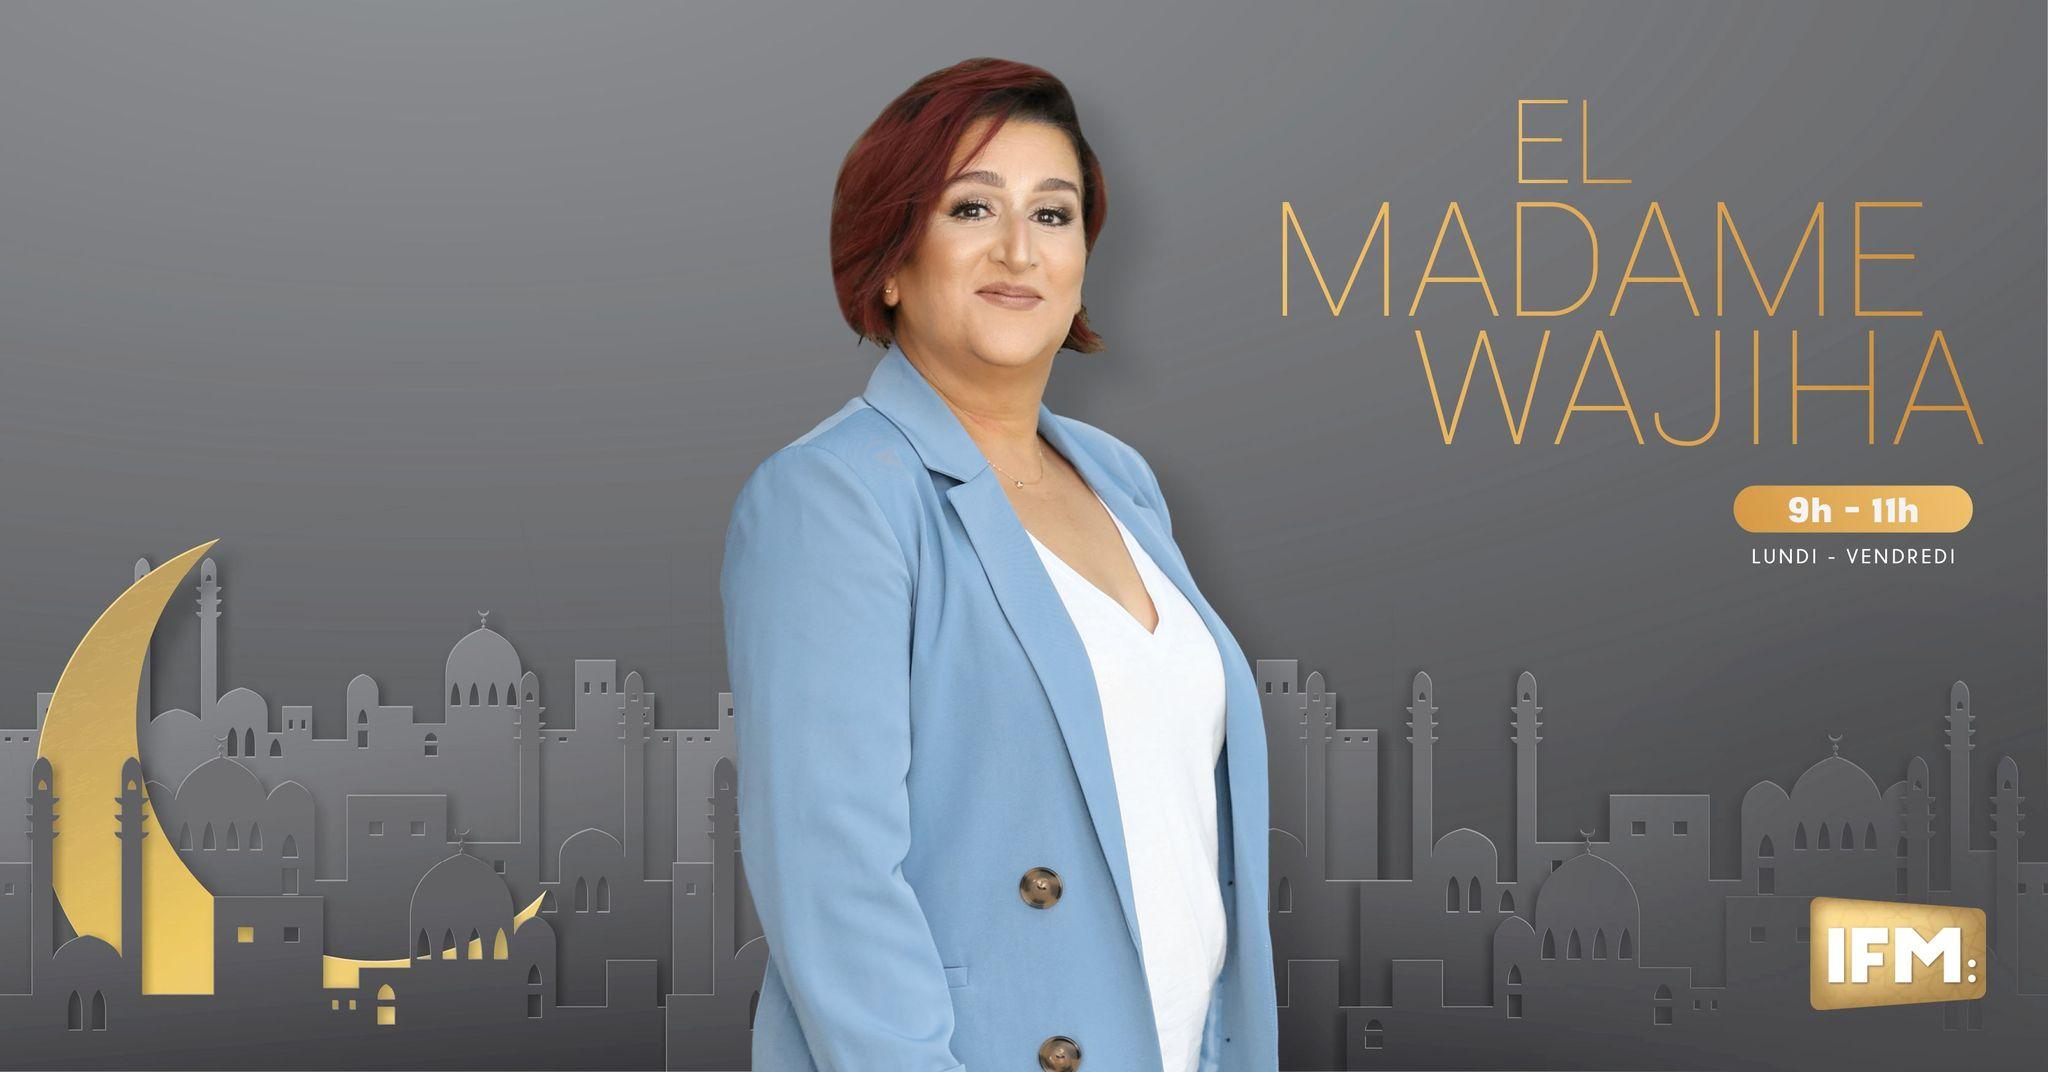 El Madame : Le 21-04-2021 El Madame Wajiha